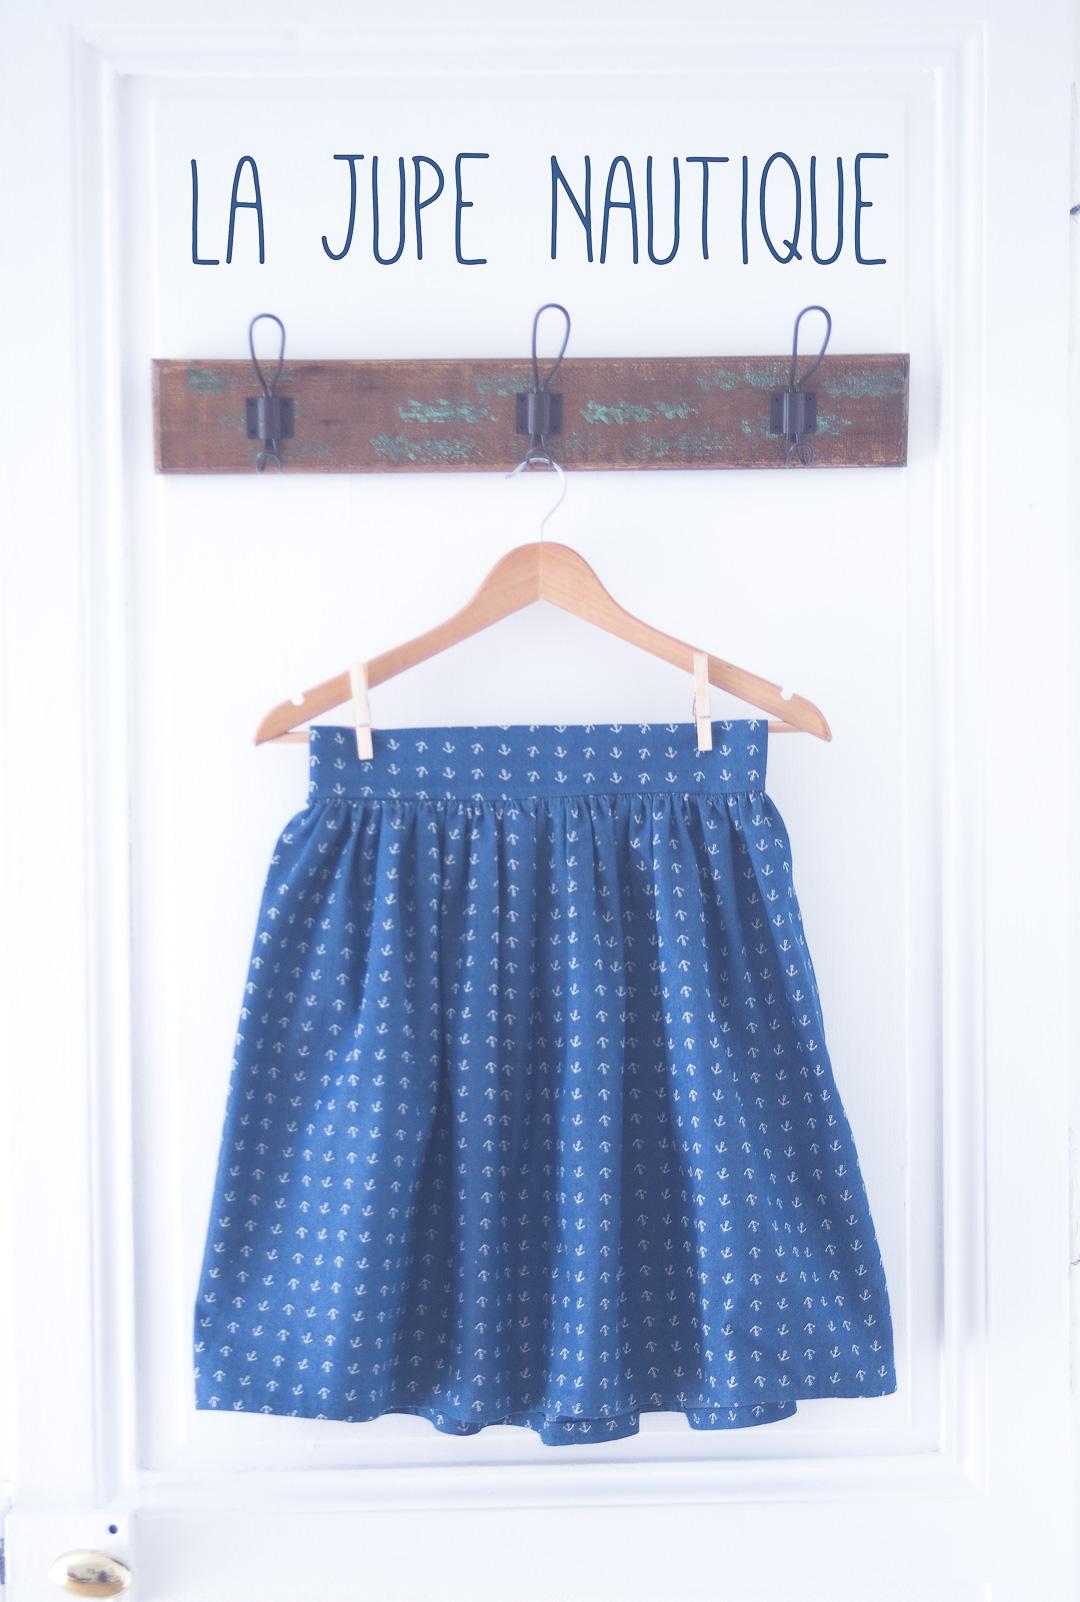 Maison et travaux n 5 la jupe nautique la muse au placard for Magazine maison et travaux